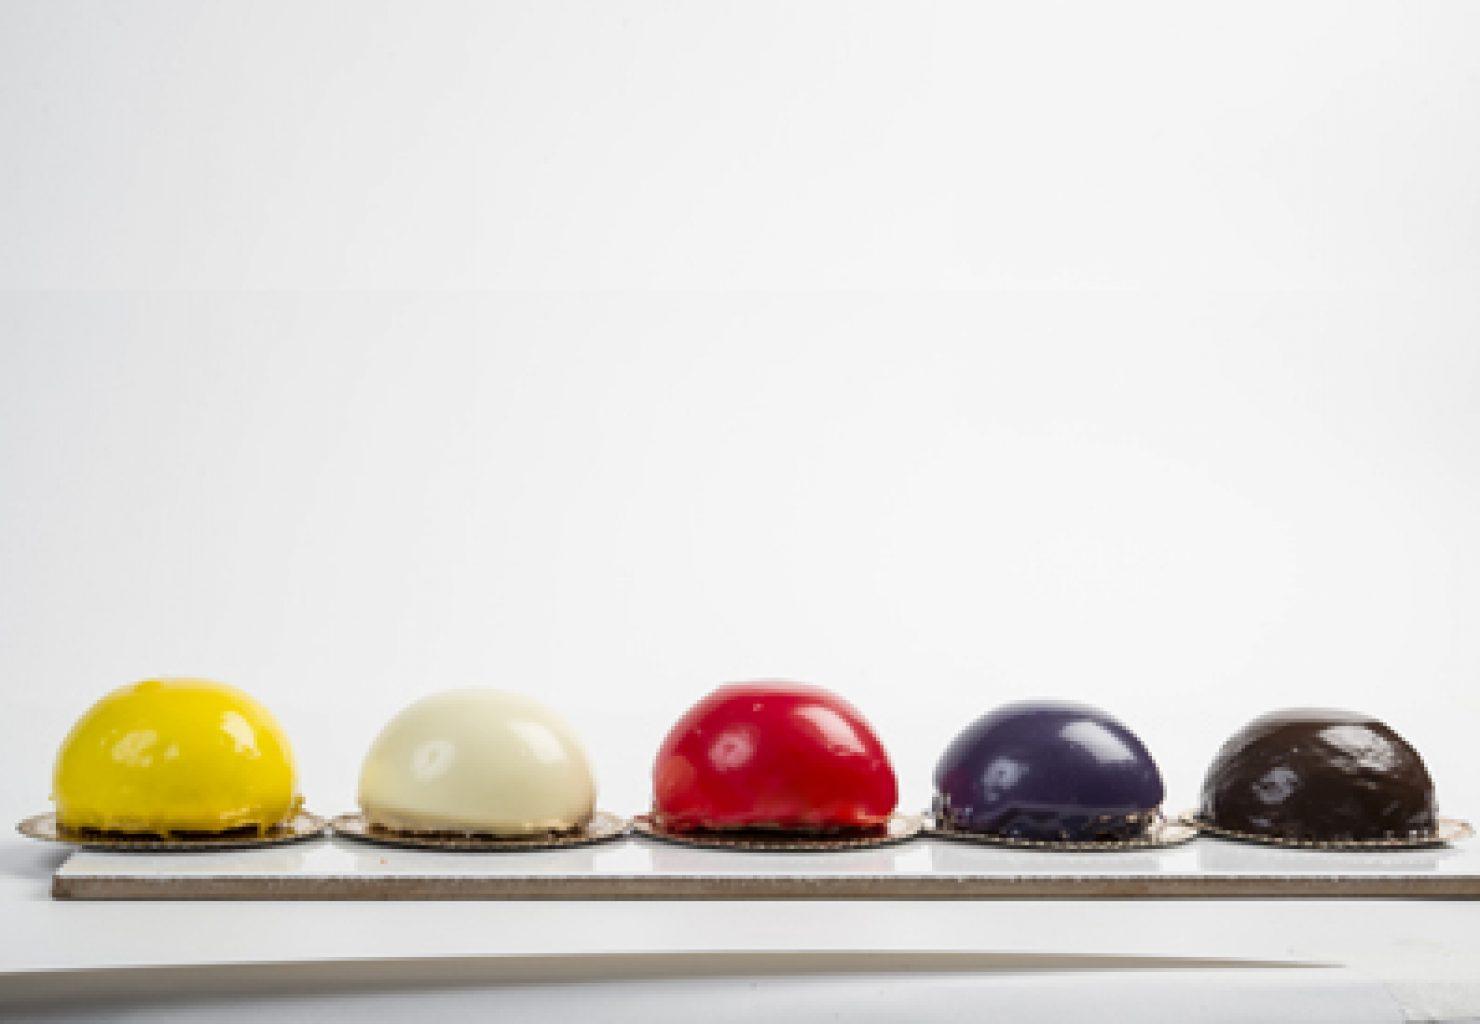 שוקולד, פטל, מרנג, אוכמניות